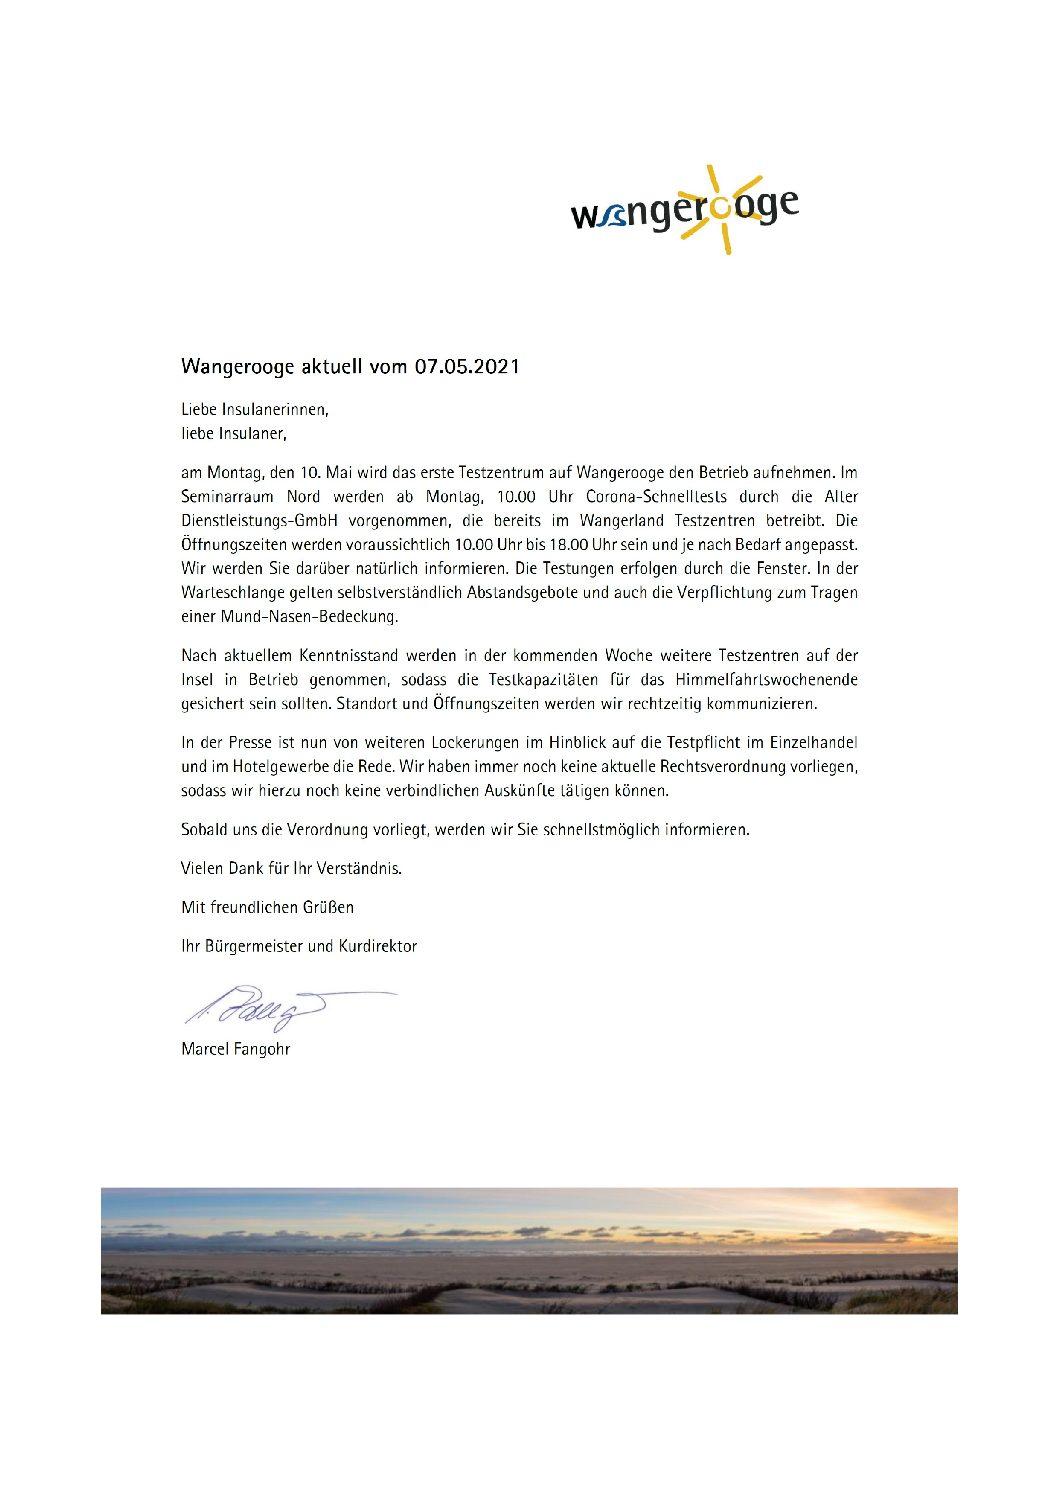 07.05.2021 Wangerooge Aktuell der Kurverwaltung – Testzentrum auf Wangerooge – Lockerungen